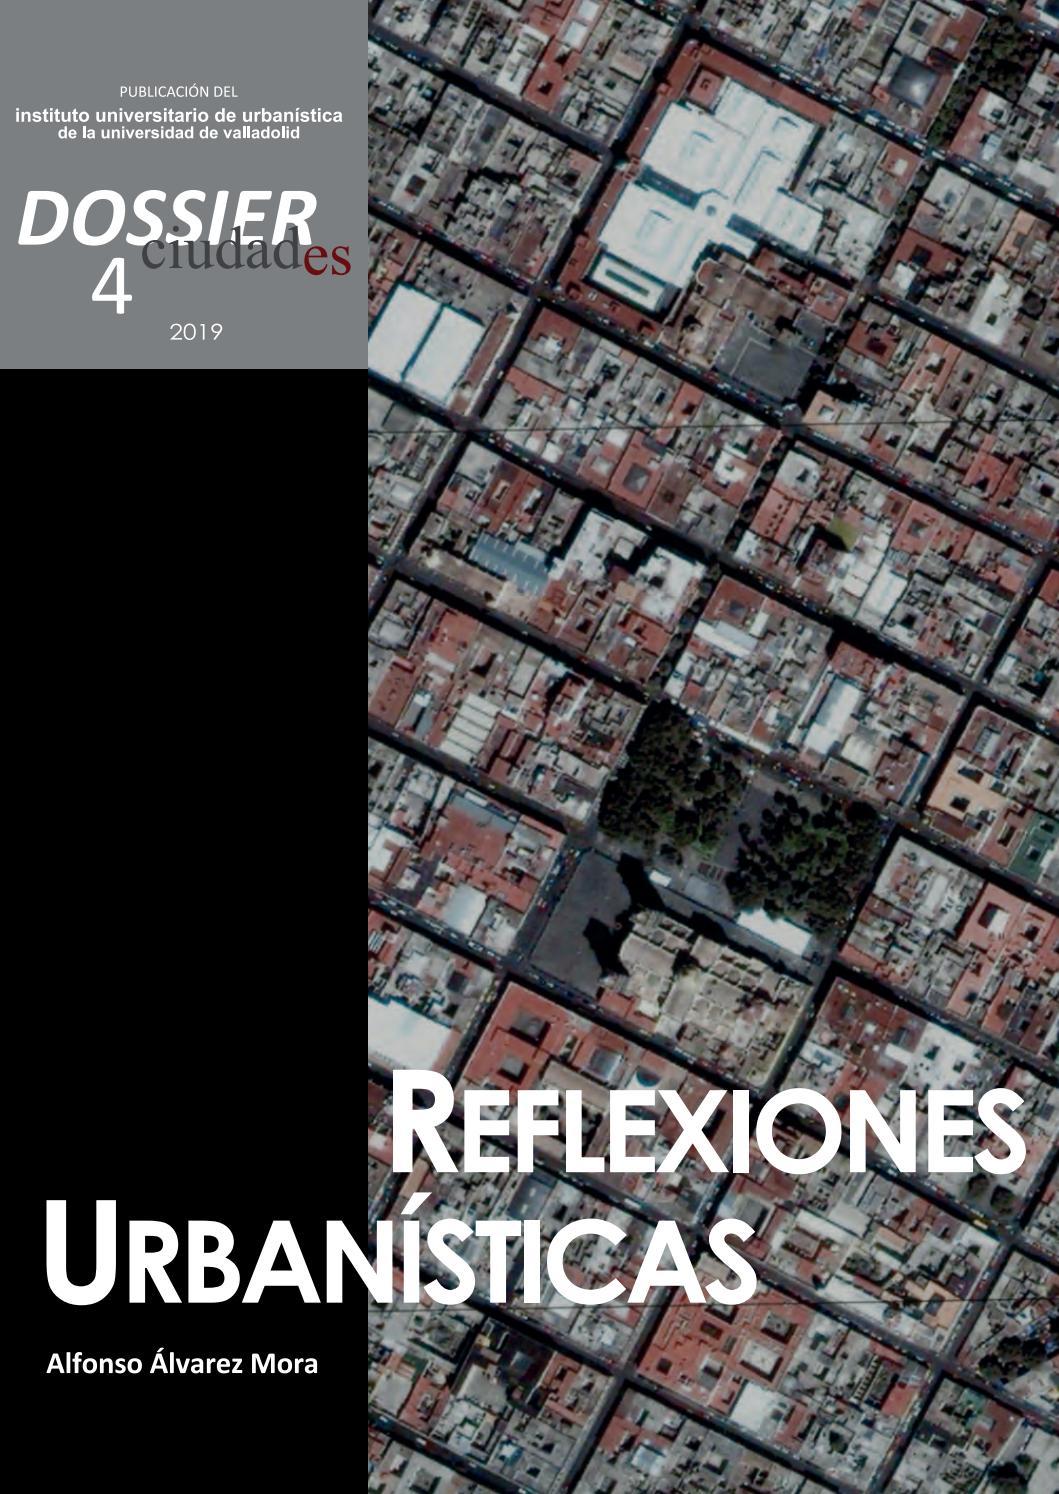 Dossier 4 Reflexiones Urbanísticas Un Pensamiento De Clase